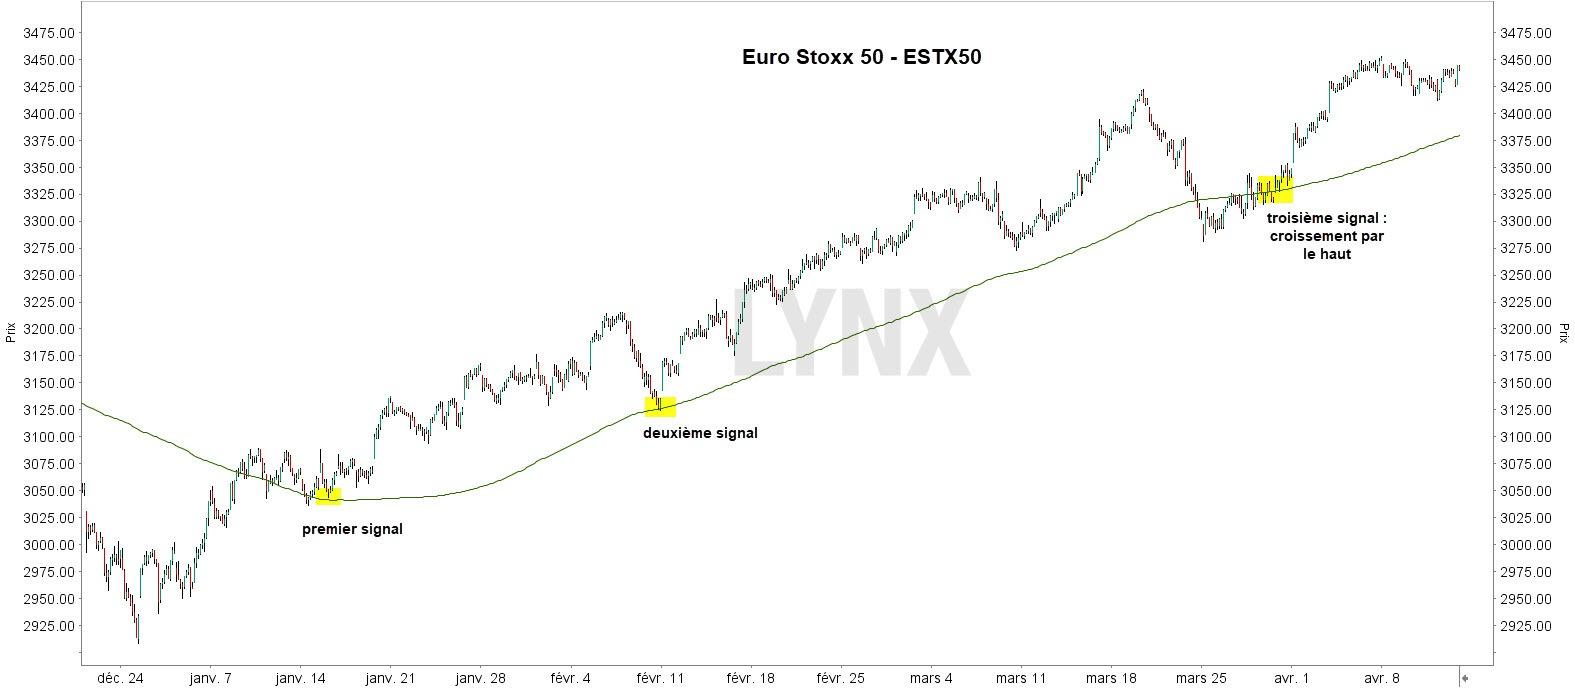 Signaux d'achat Euro Stoxx 50 - Les meilleurs signaux d'achat